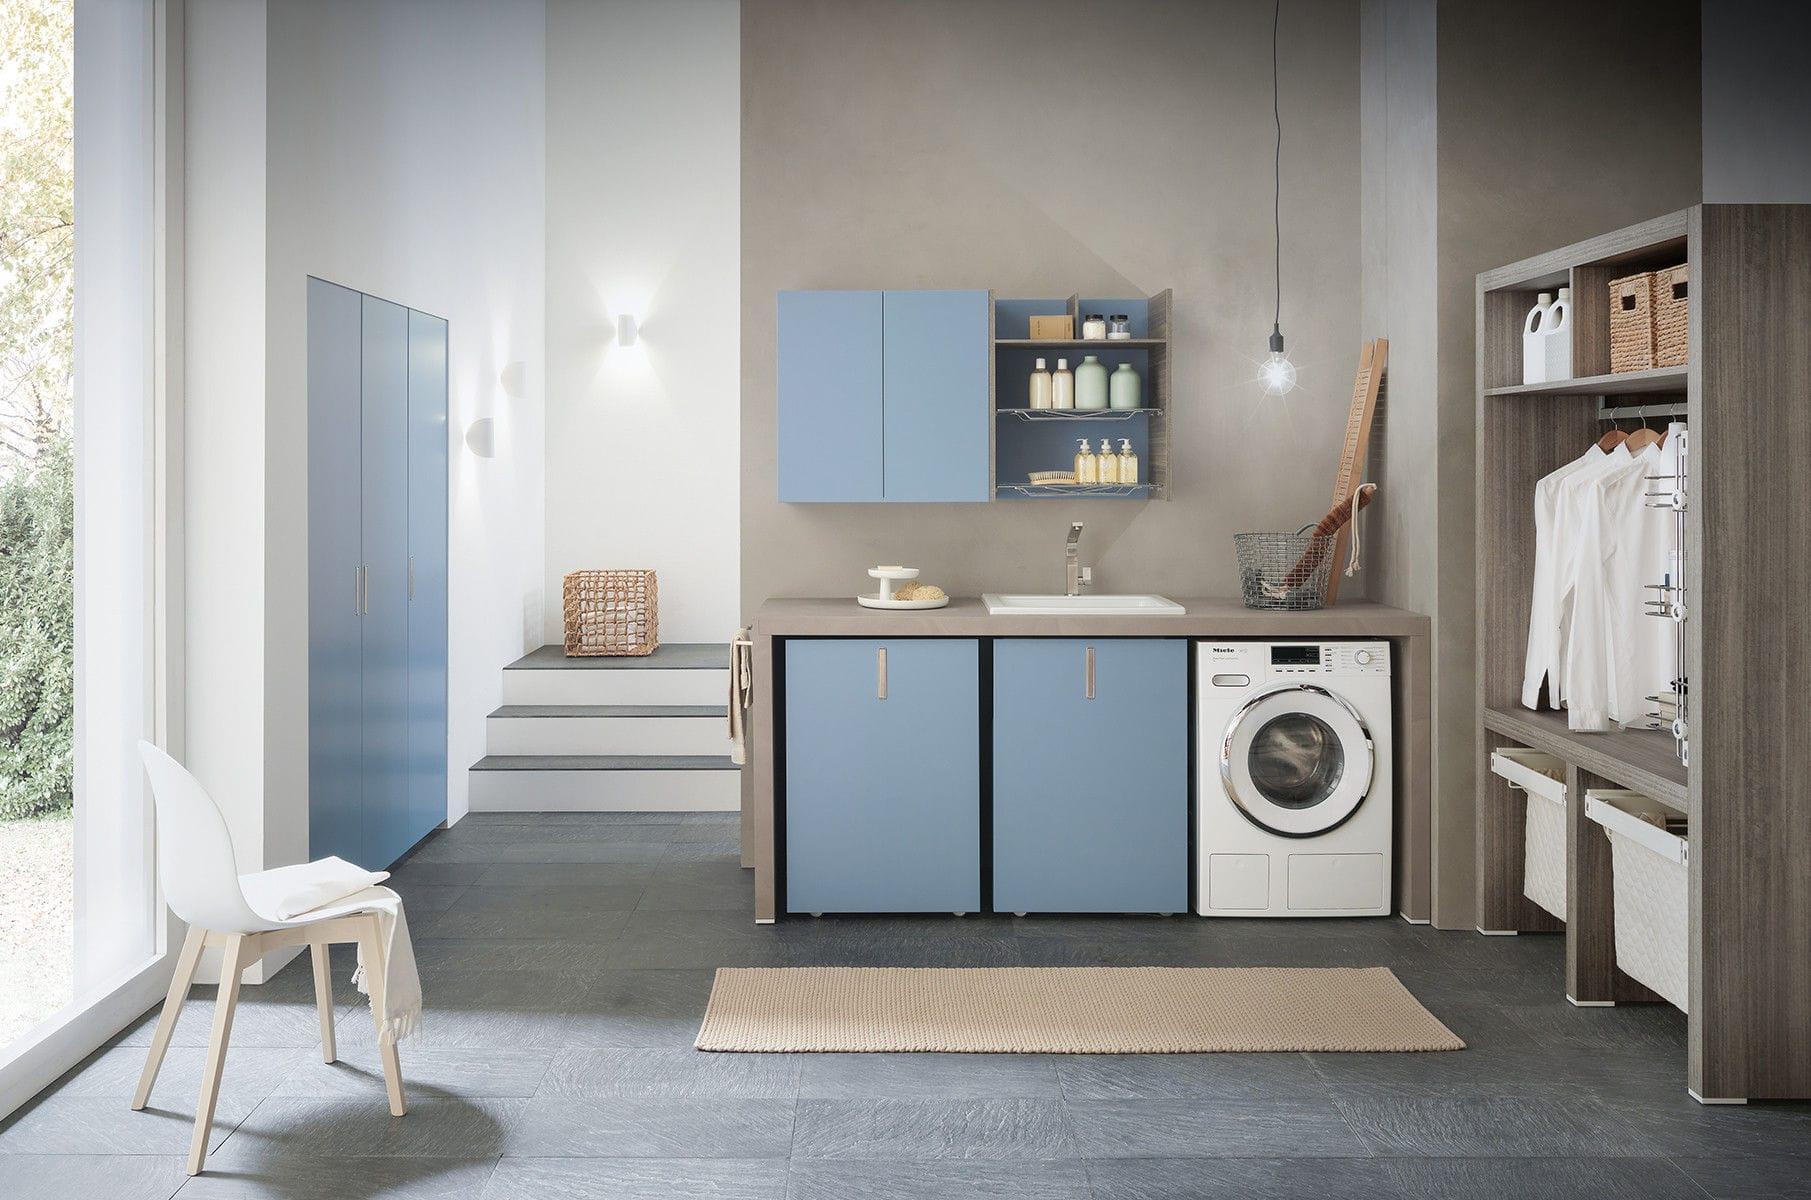 Laundry room cabinet - COMPOSIZIONE 1 - AZZURRA ARREDOBAGNO